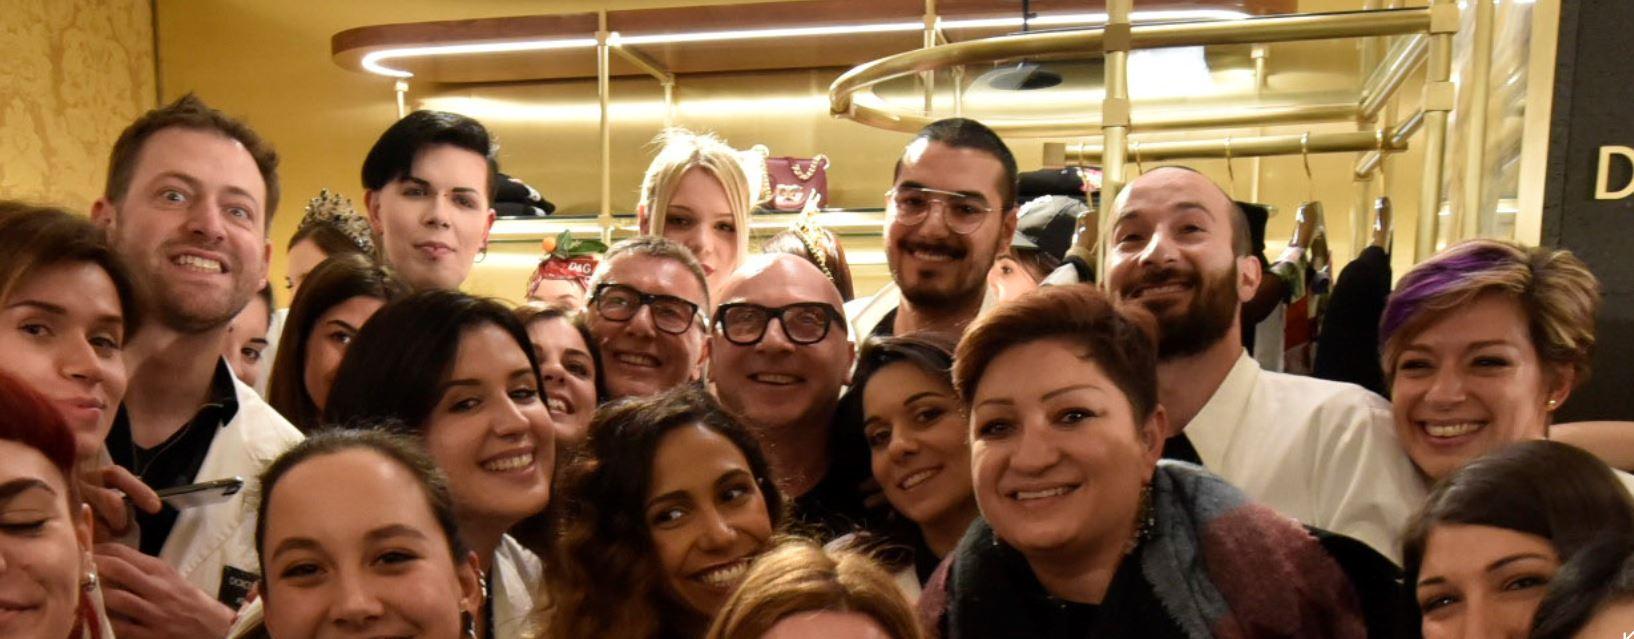 Stefano Gabbana e Domenico Dolce non si sono sottratti al selfie di gruppo con gli studenti a La Rinascente.